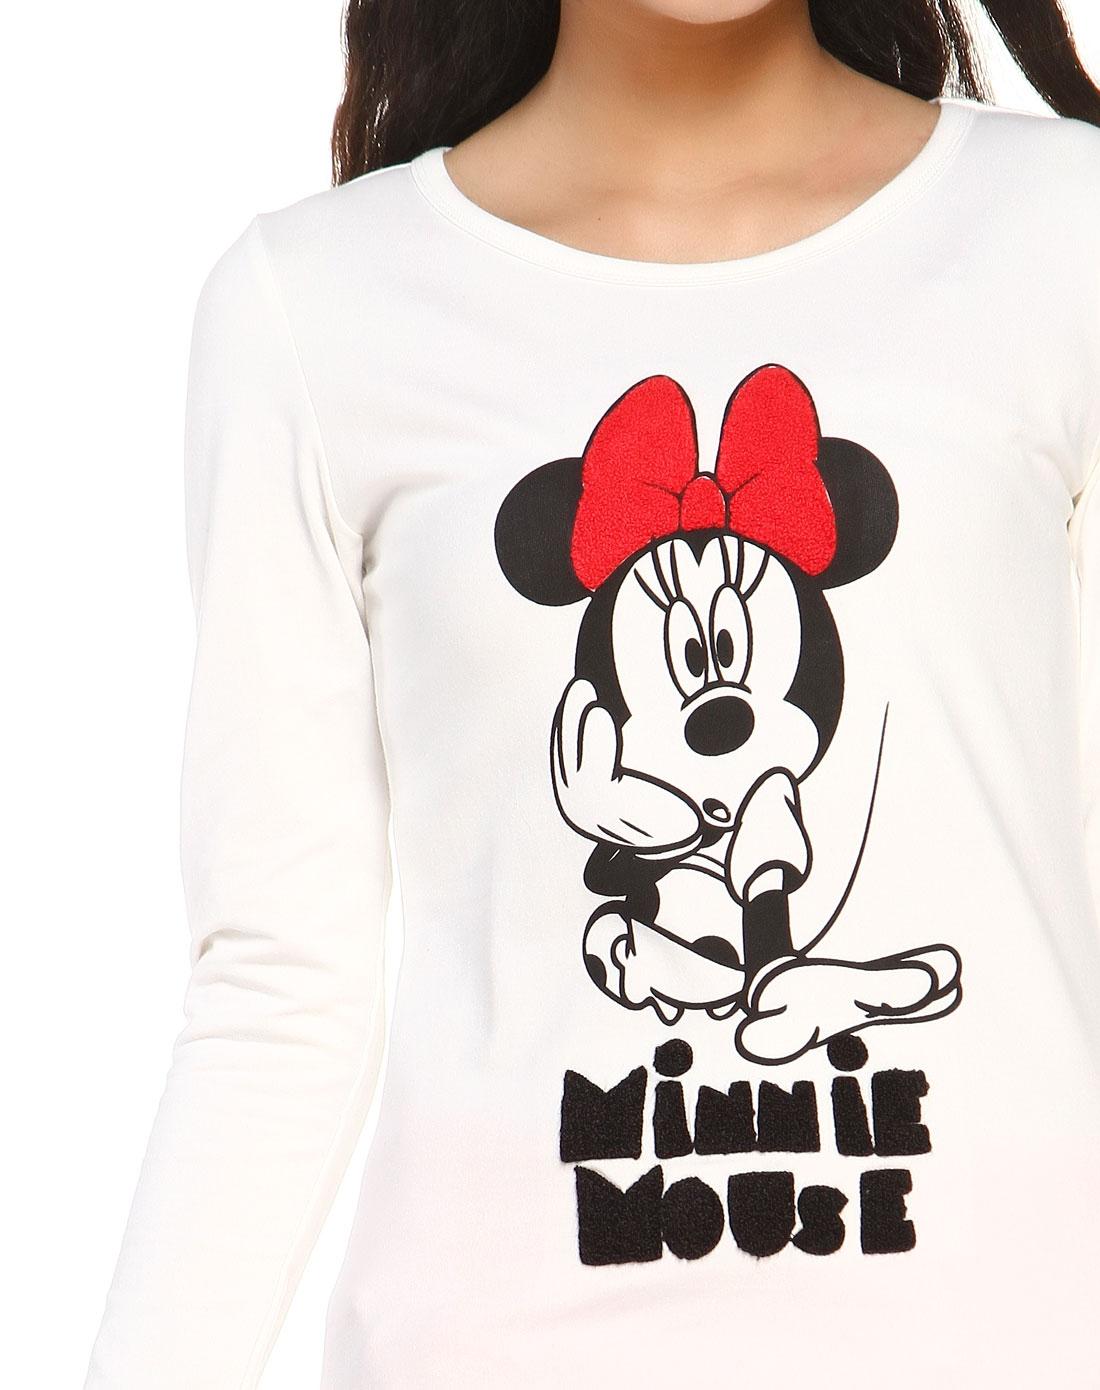 米白色卡通米妮图案长袖t恤